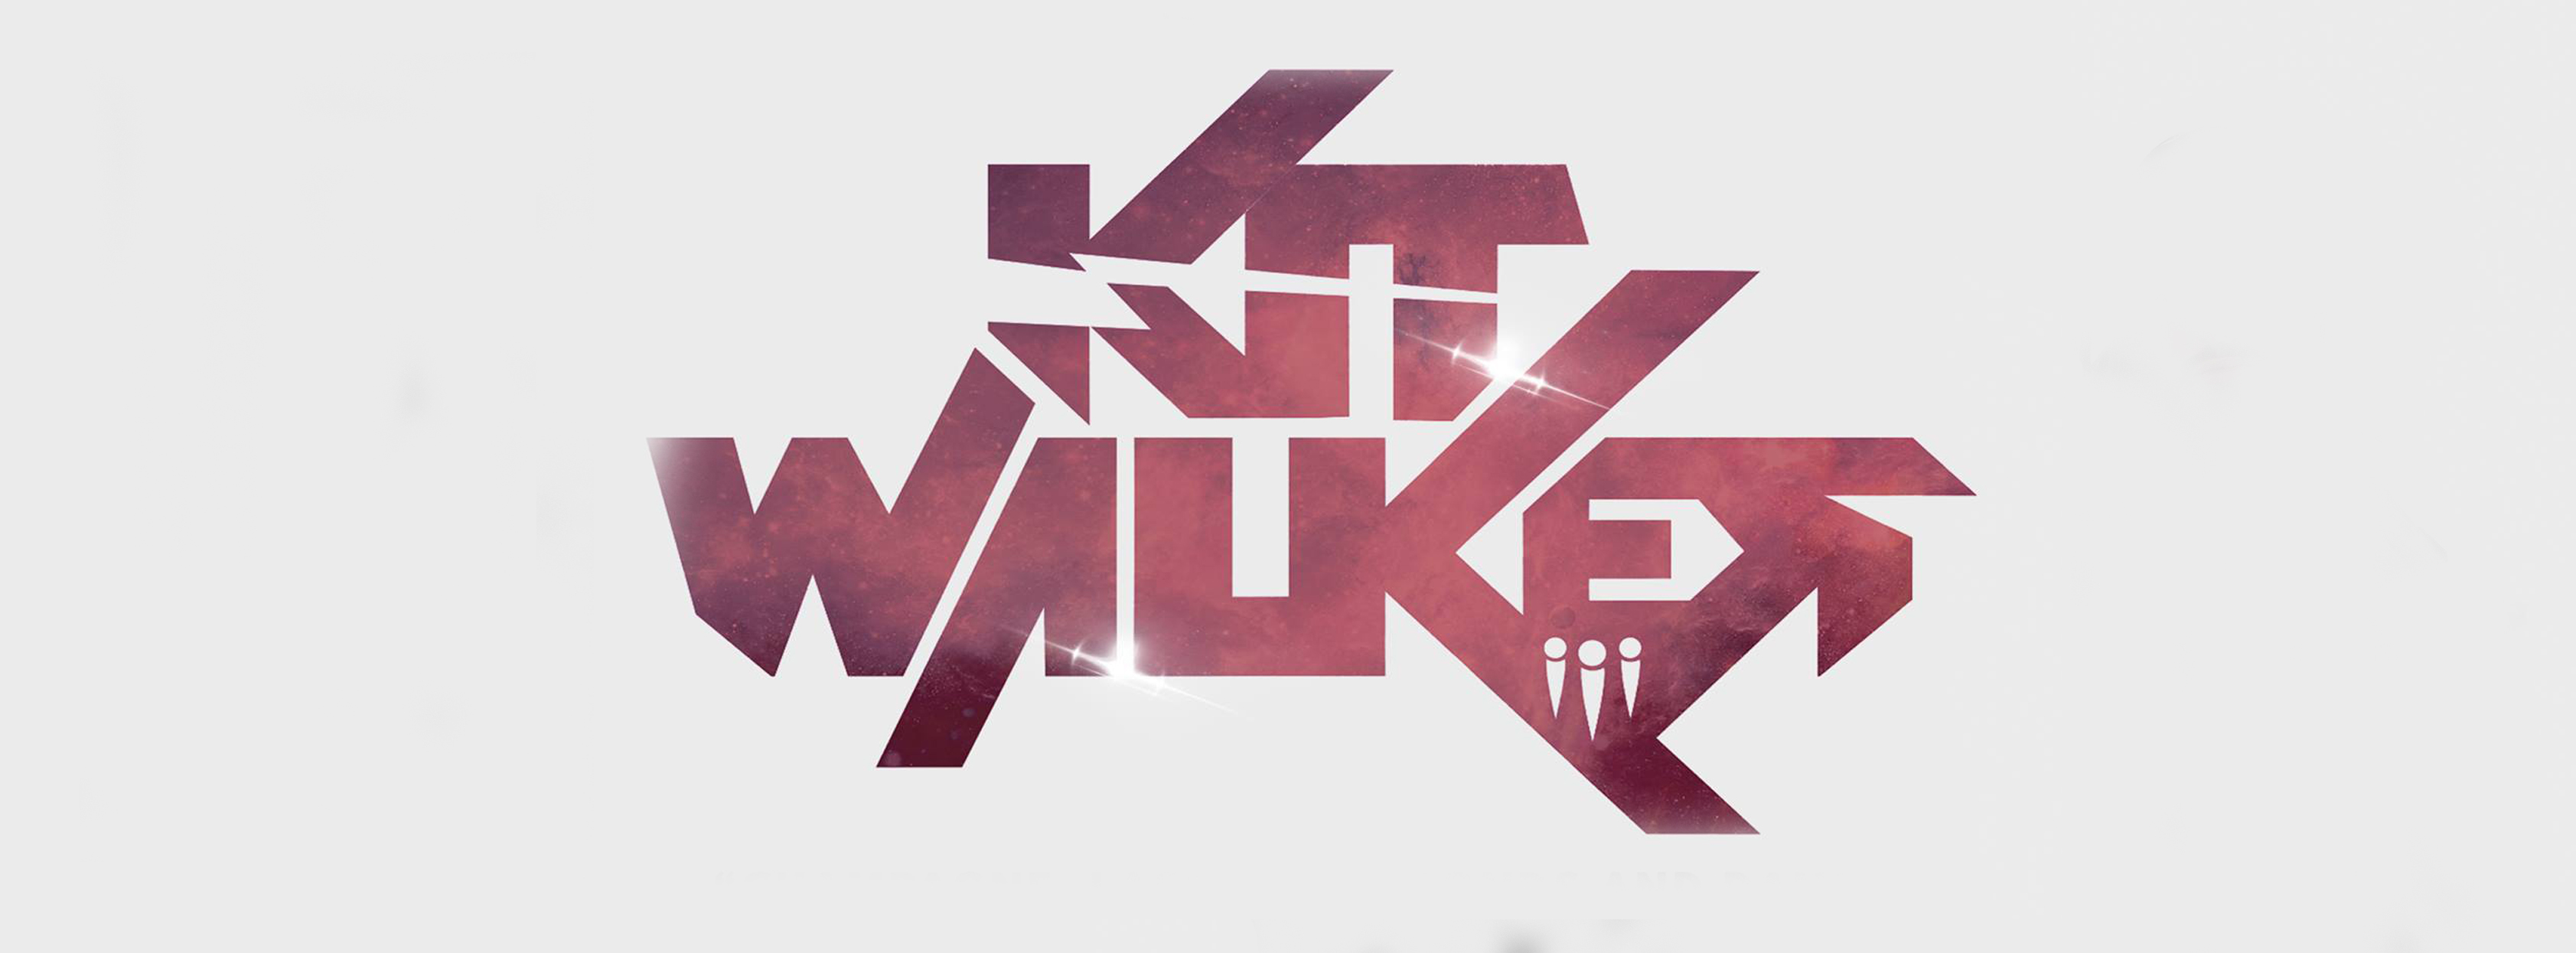 Kit Walker